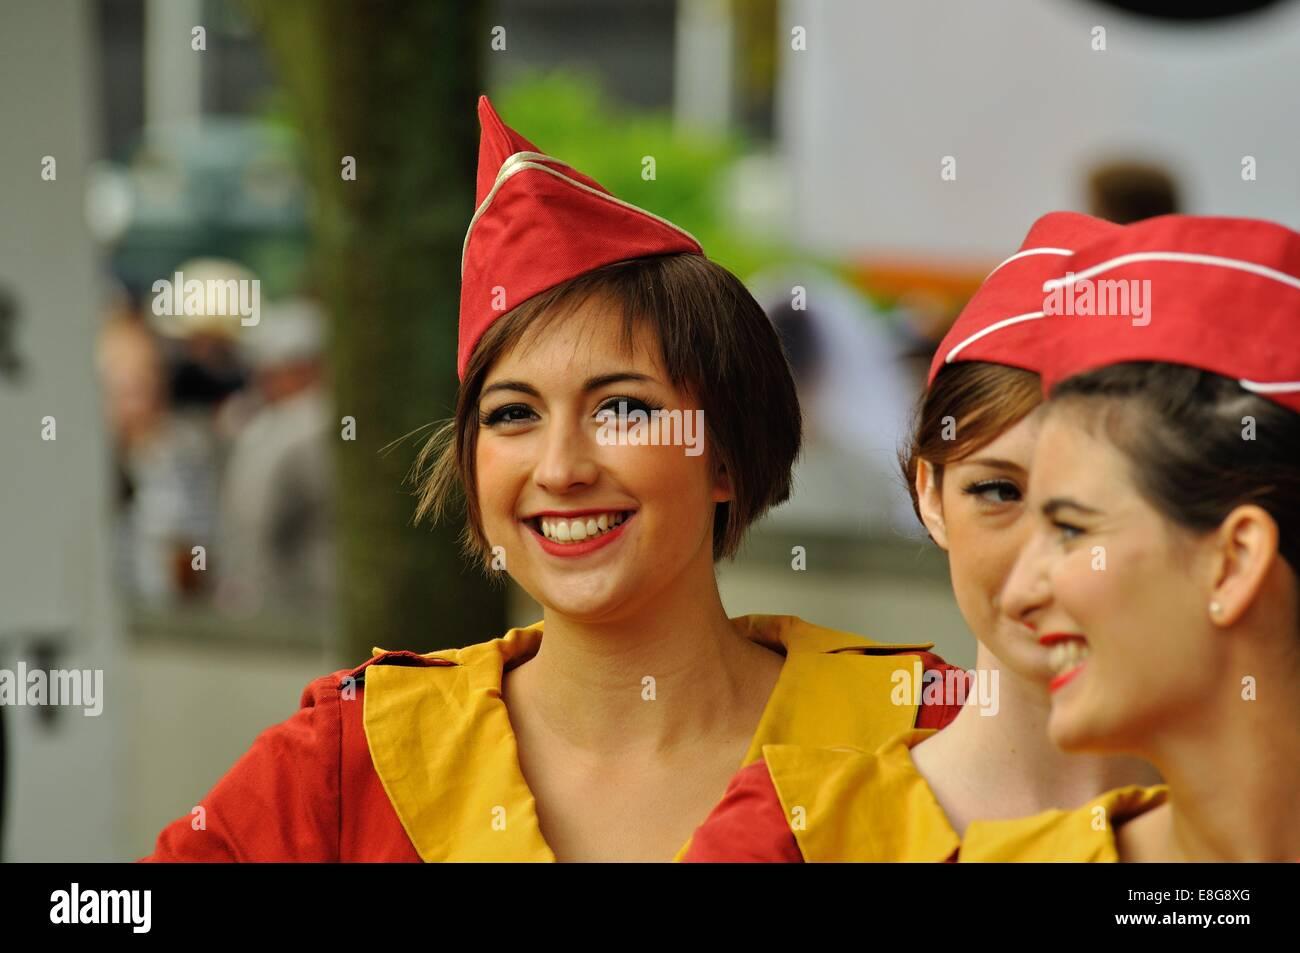 """Eine junge Frau gekleidet als """"Glam Cab Mädchen"""" beim Goodwood Revival Stockbild"""